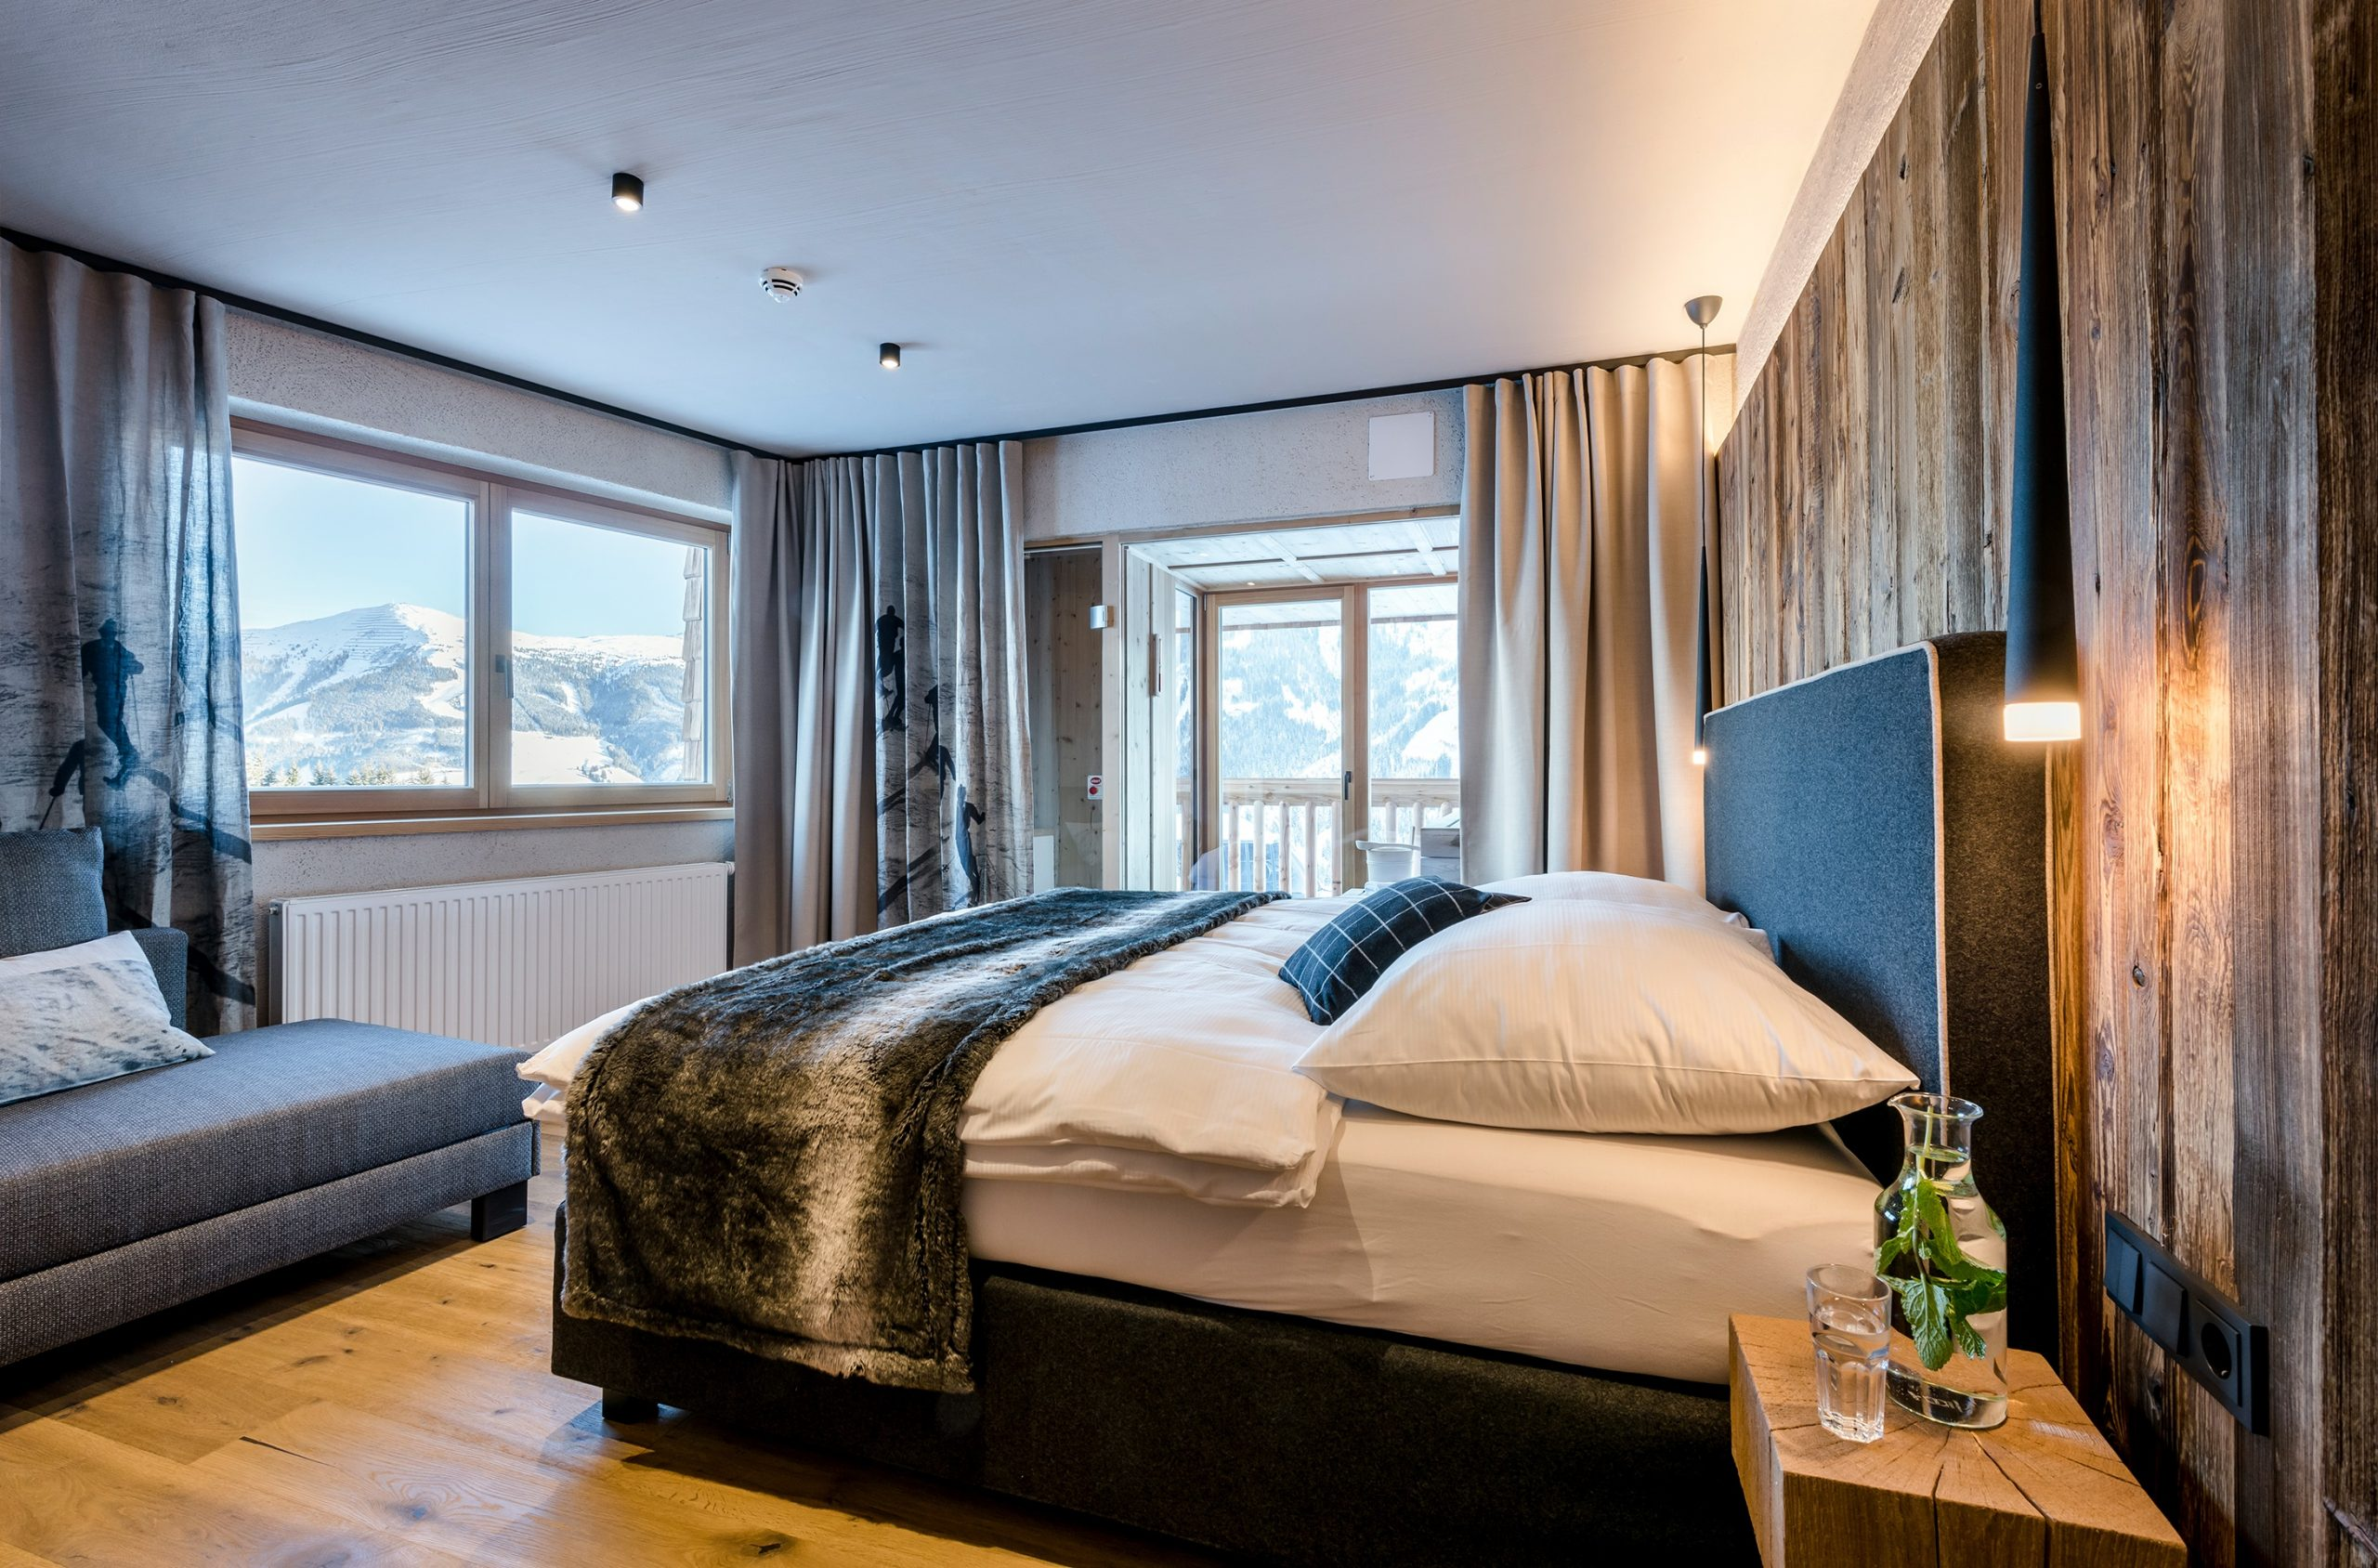 Schlafzimmer auf der Alm in Saalbach-Hinterglemm